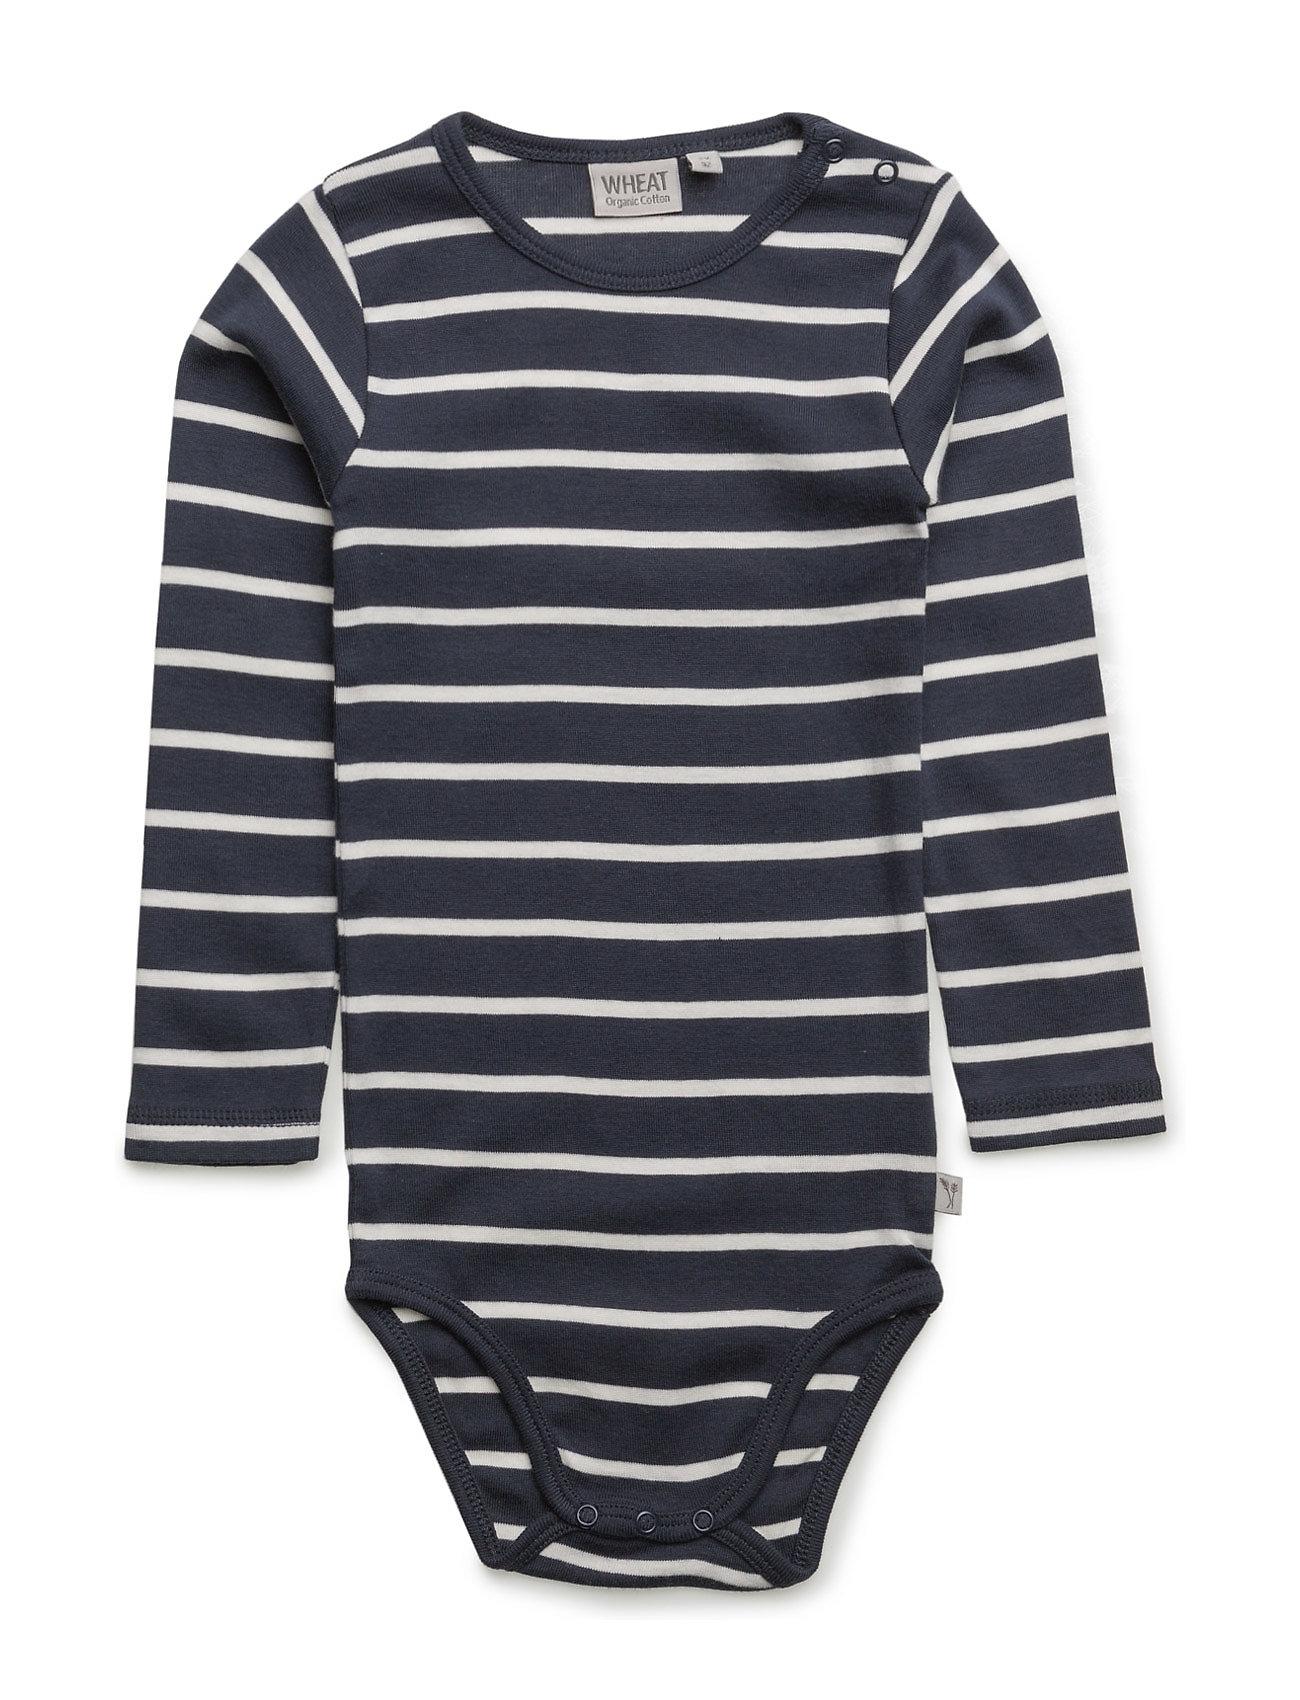 Body Plain Ls Wheat Langærmede bodies til Børn i Navy blå